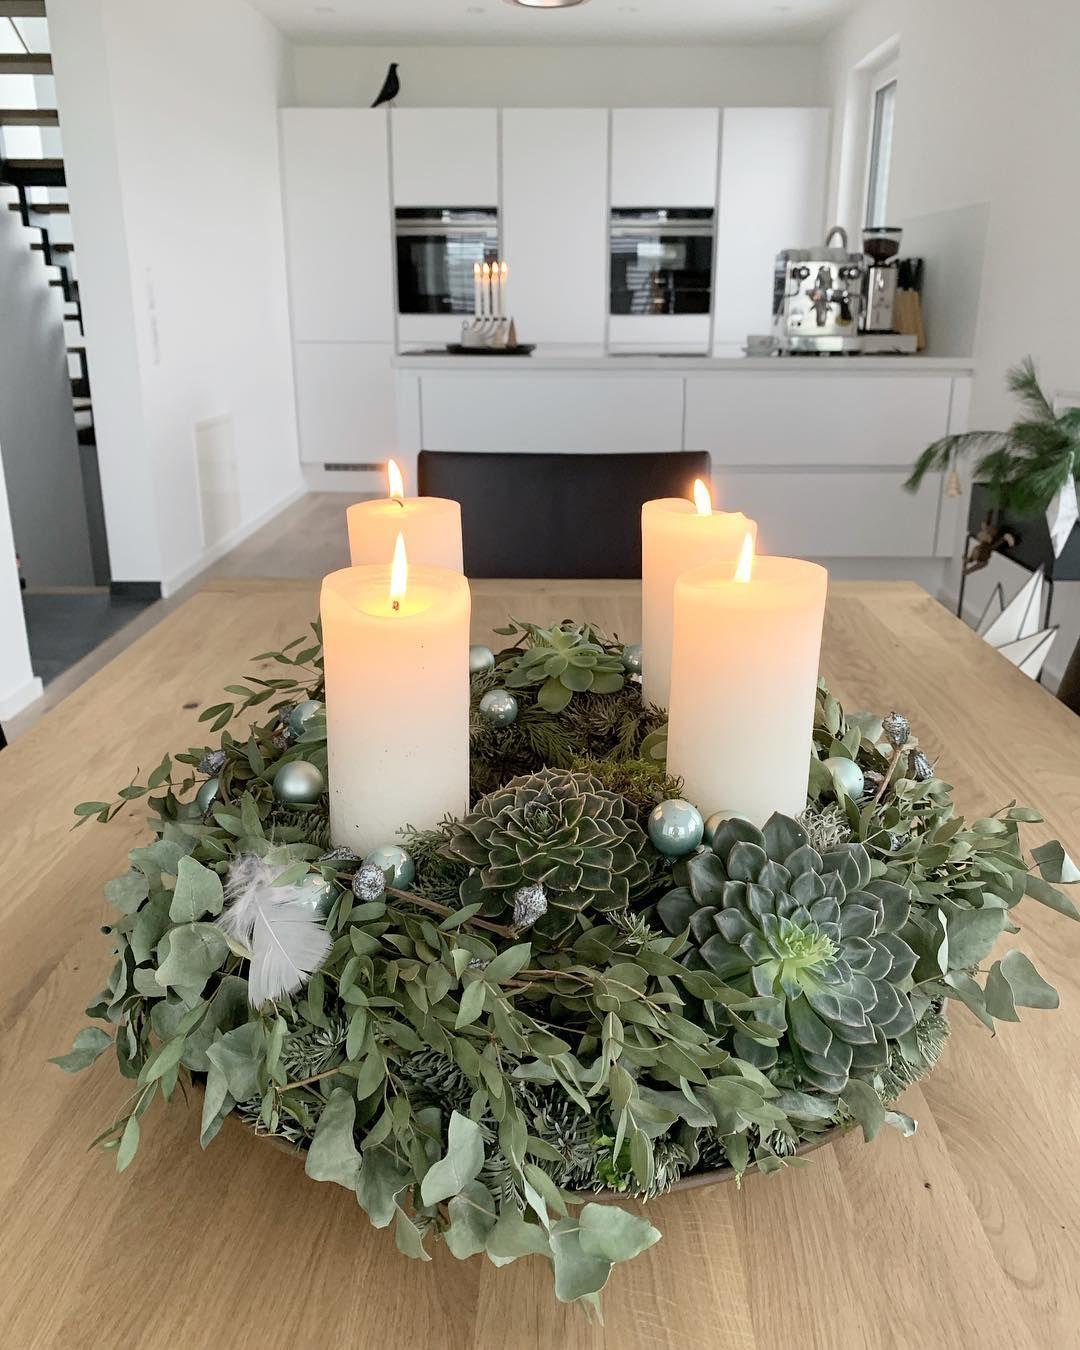 """Peter und Karsten � on Instagram: """"Wir wünschen Euch einen wunderschönen 4. Advent! Habt ein paar ruhige Stunden und entspannt etwas! Wir haben heute tatsächlich nichts vor…"""""""